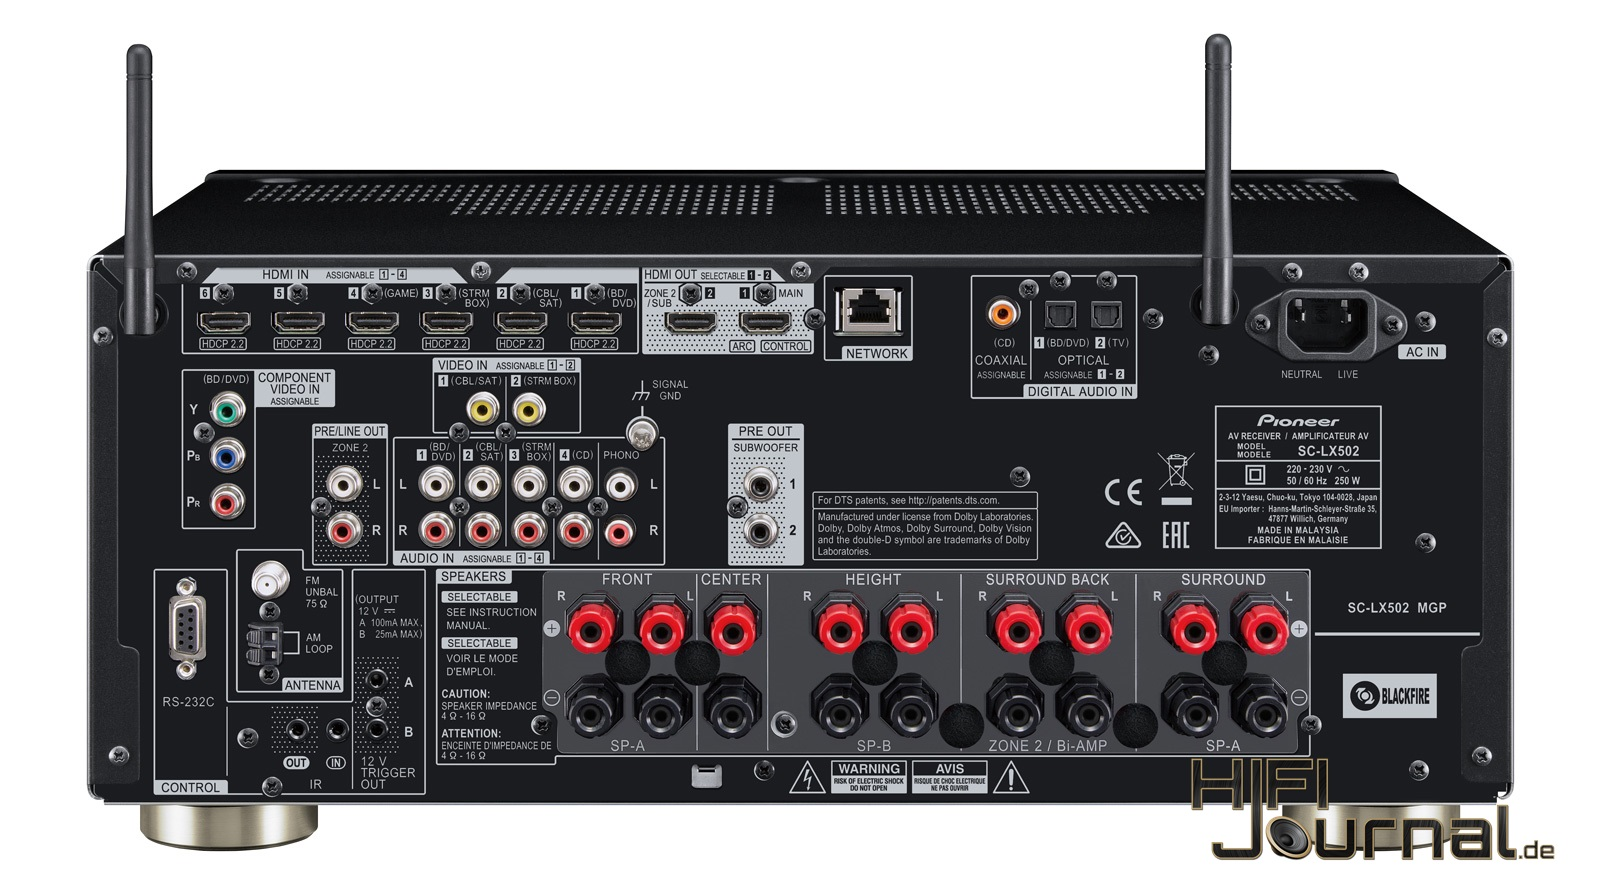 Pioneer SC-LX502 7.2 AV-Receiver - HiFi-Journal